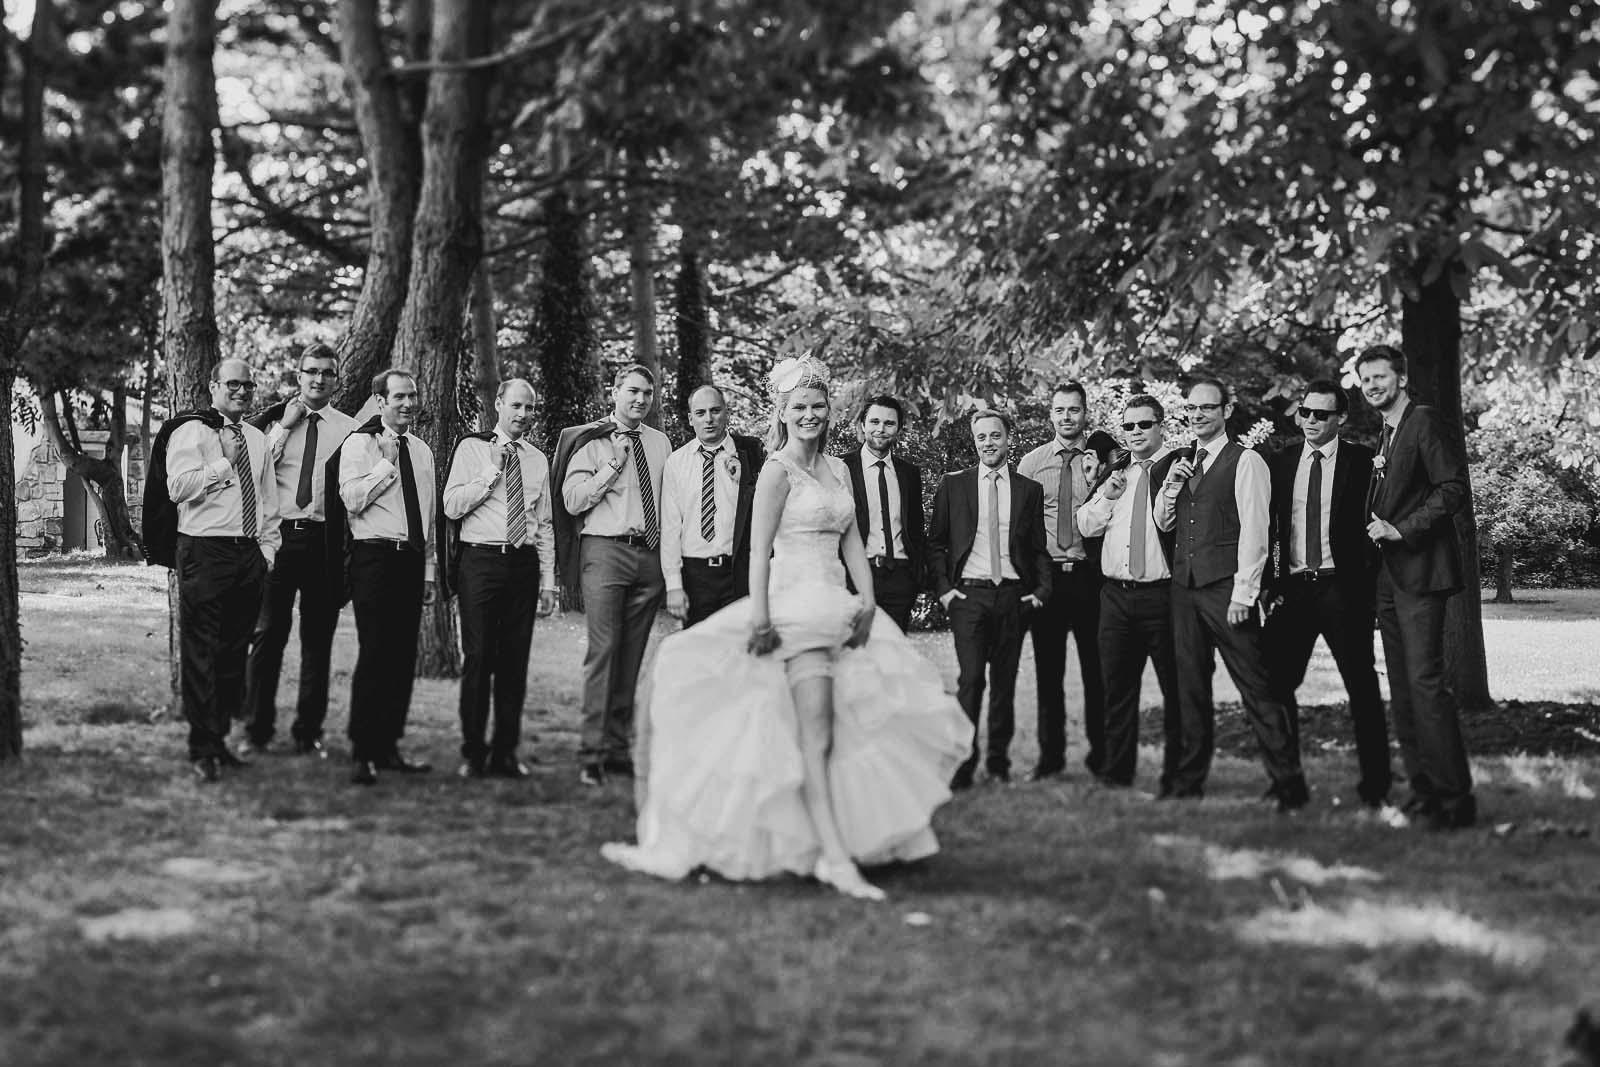 Hochzeitsfotograf Berlin fotografiert Gruppe auf einer Hochzeit Copyright by Hochzeitsfotograf www.berliner-hochzeitsfotografie.de